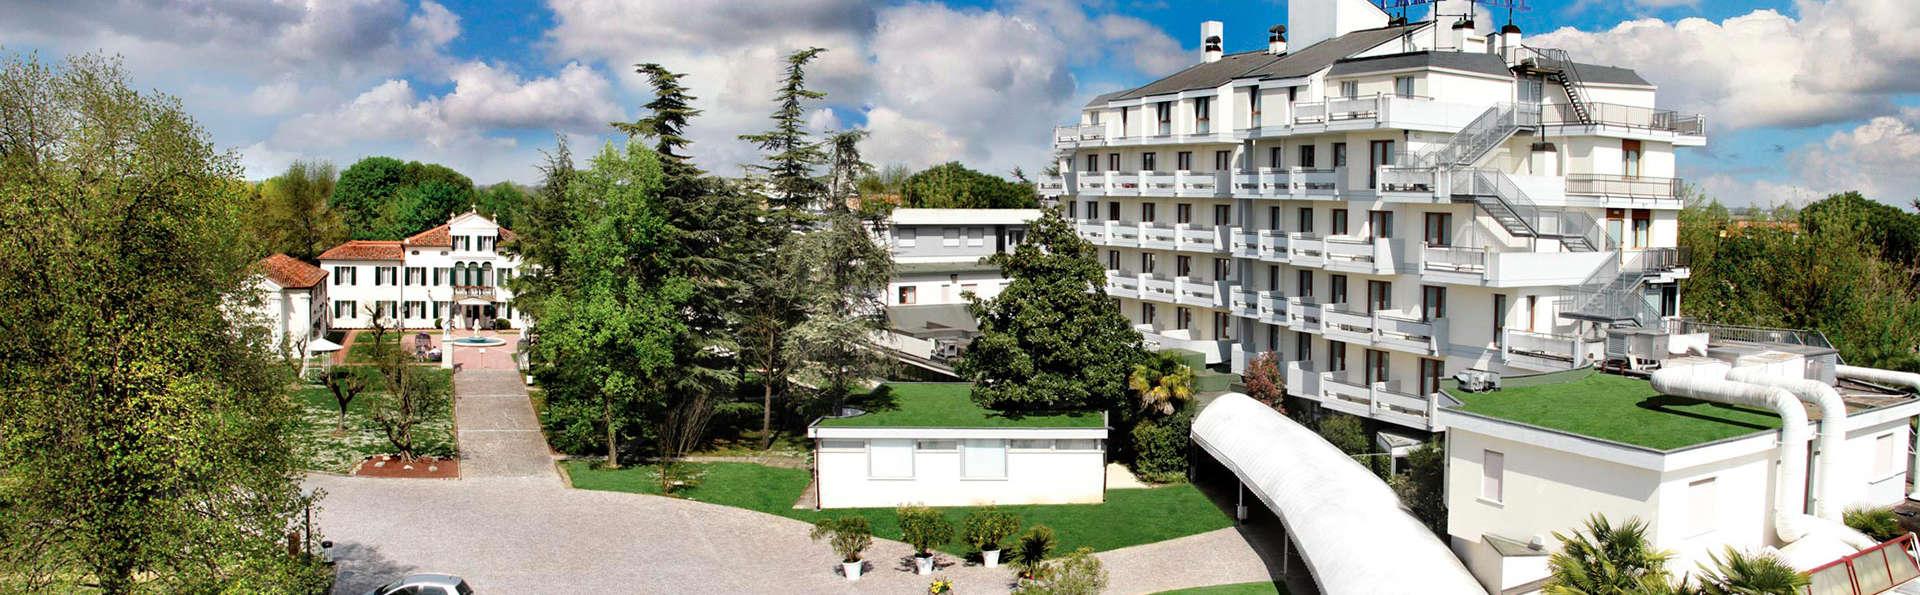 Villa Fiorita - EDIT_front.jpg